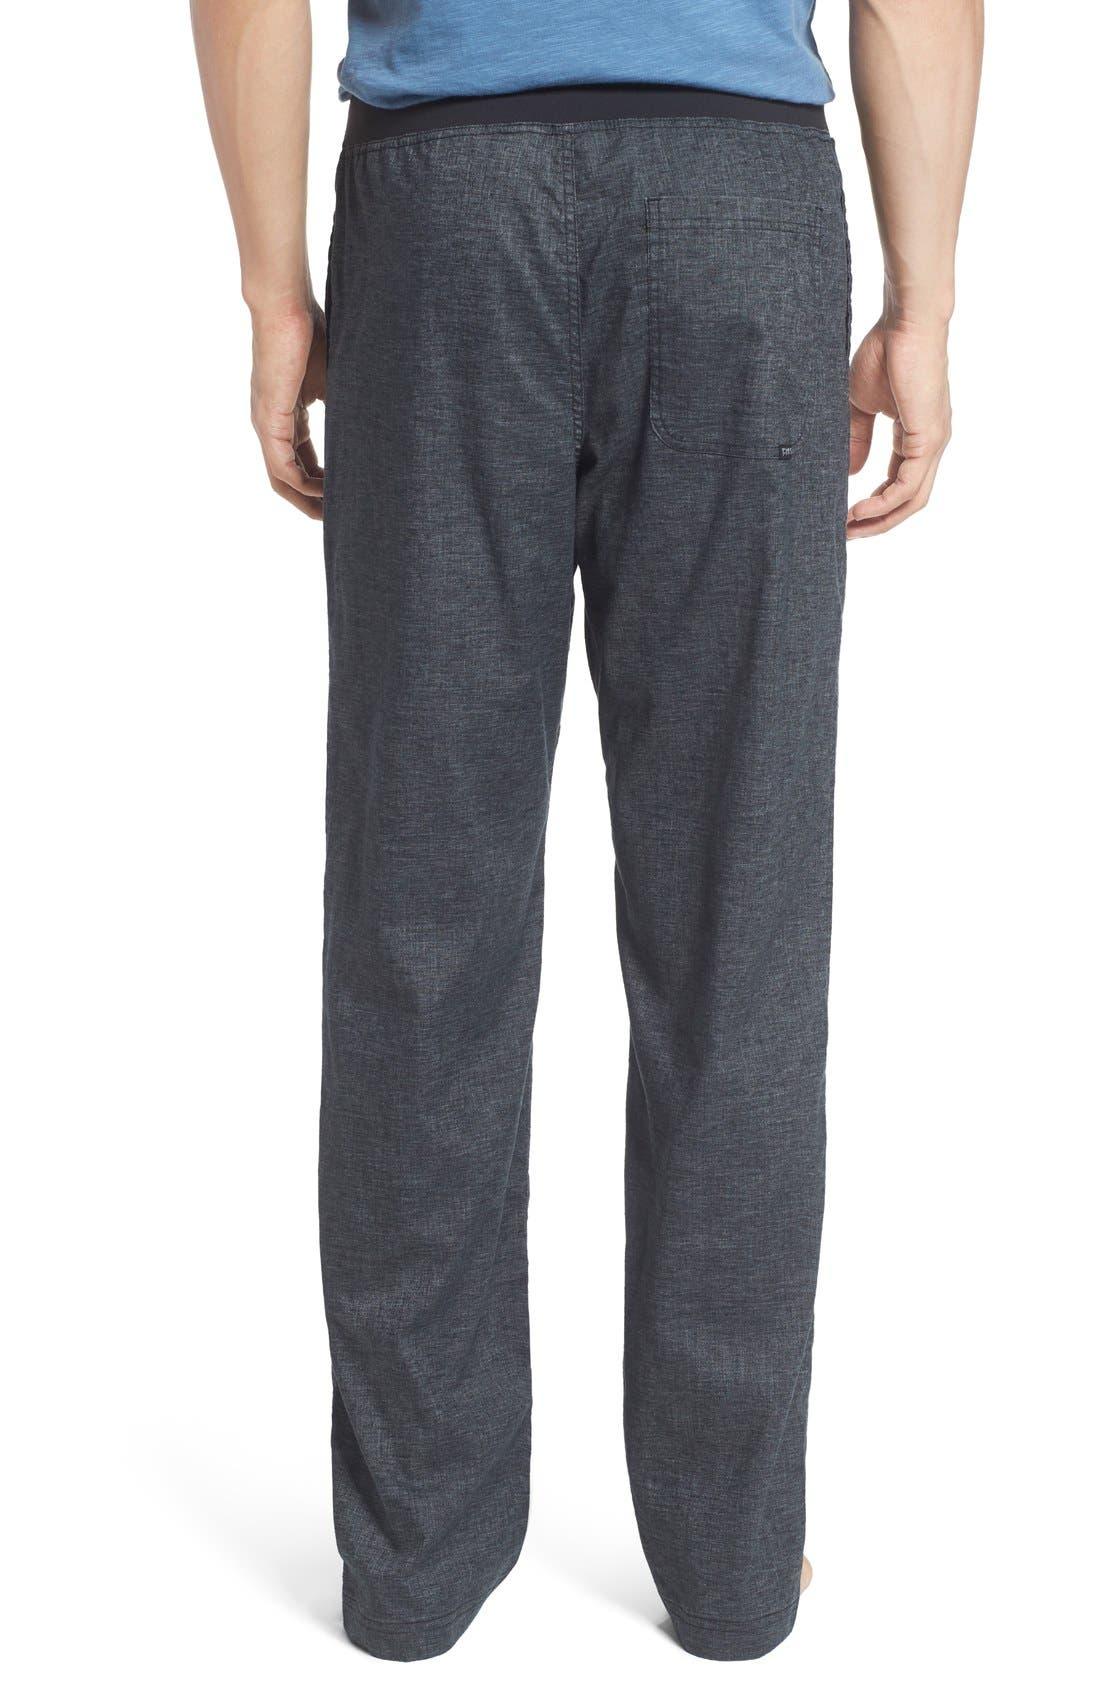 Alternate Image 2  - prAna 'Vaha' Yoga Pants